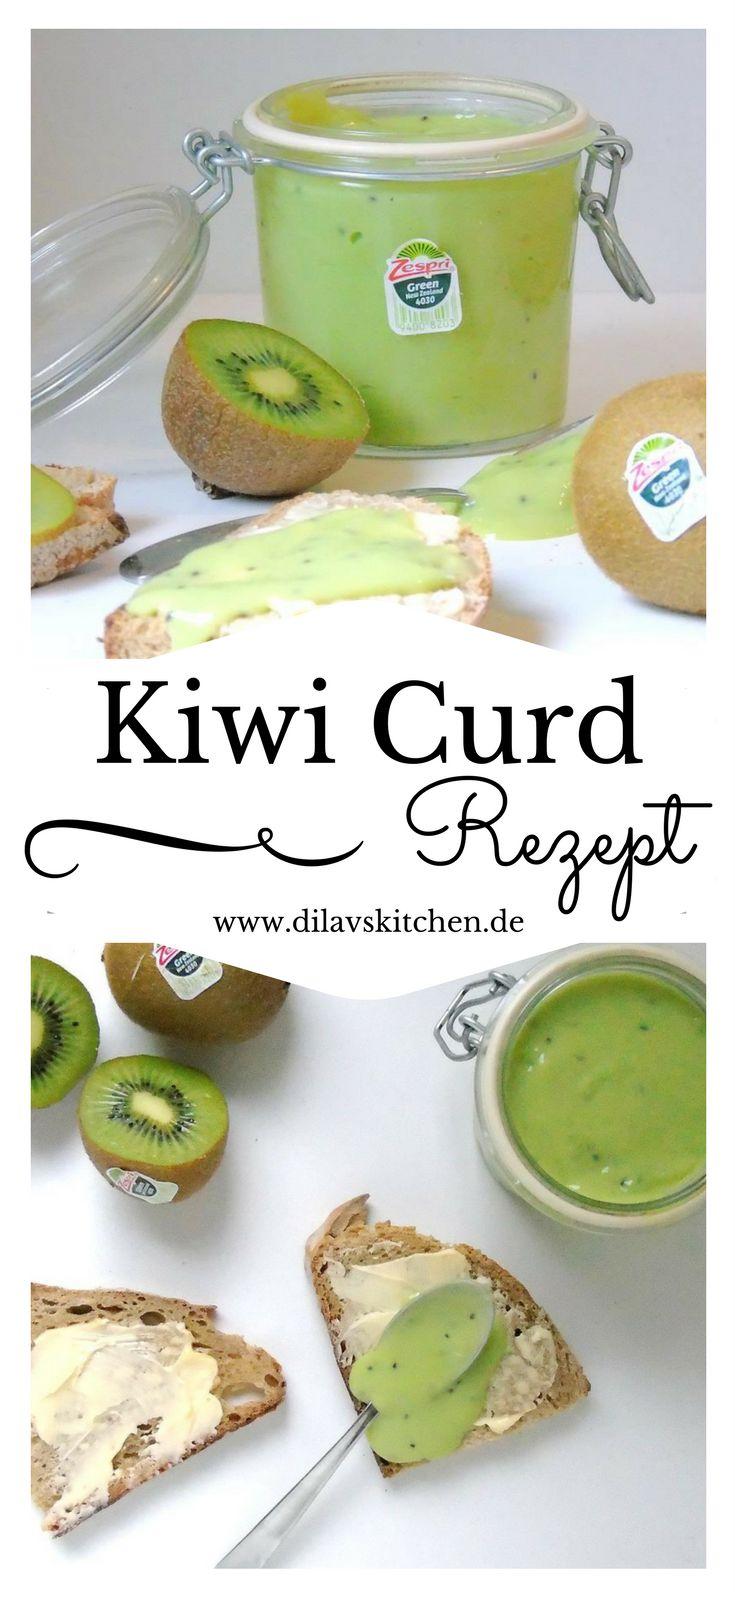 Lemoncurd, Rhabarbercurd, Orangencurd... der cremige Aufstrich kommt mit vielerlei Geschmäcker daher. Bei mir heute zum Beispiel mal in schickem Grün mit leckerer Kiwi. So schmeckt der Frühling <3